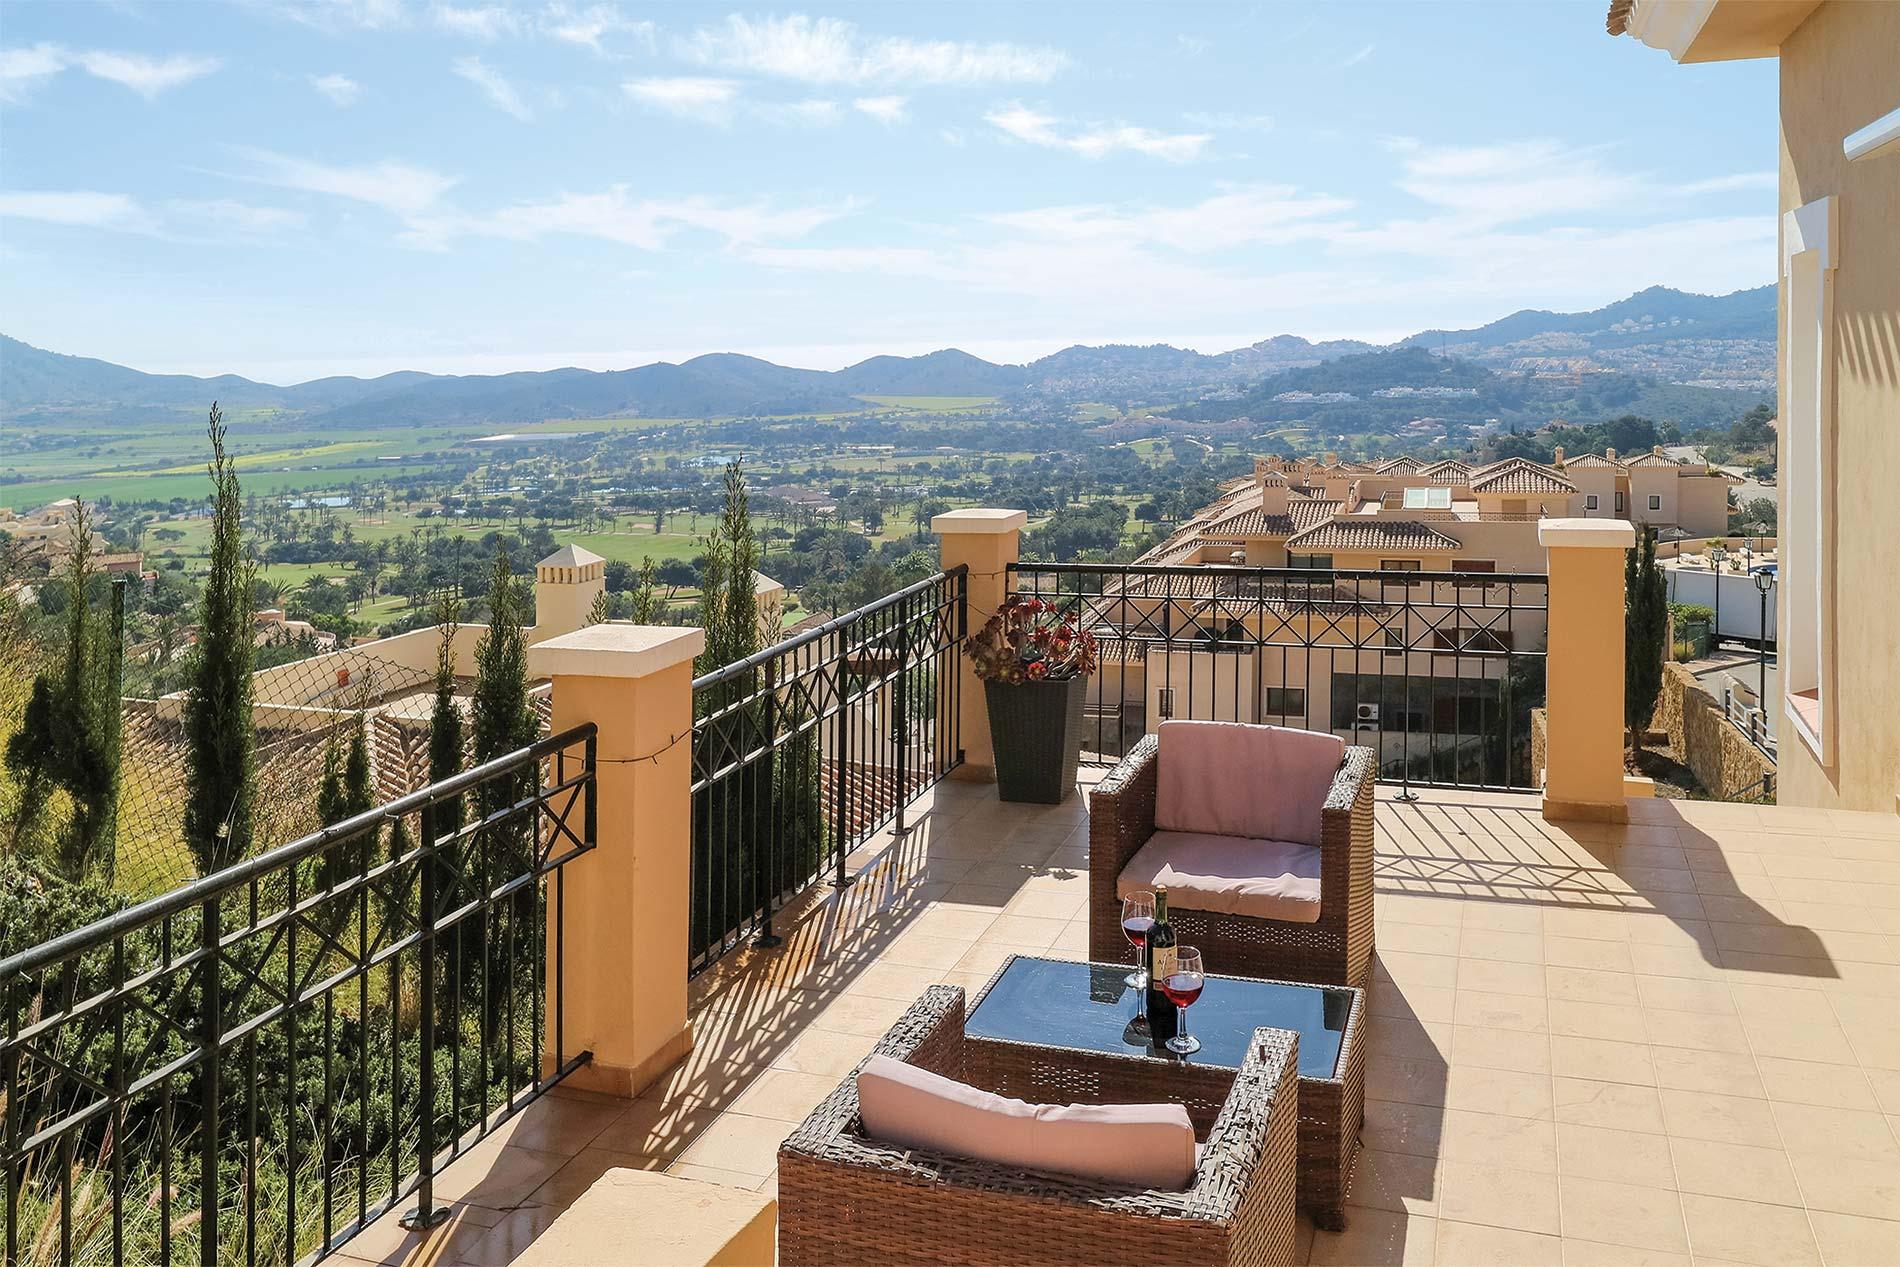 Villa Casa Buena in La Manga Club - sleeps 6 people